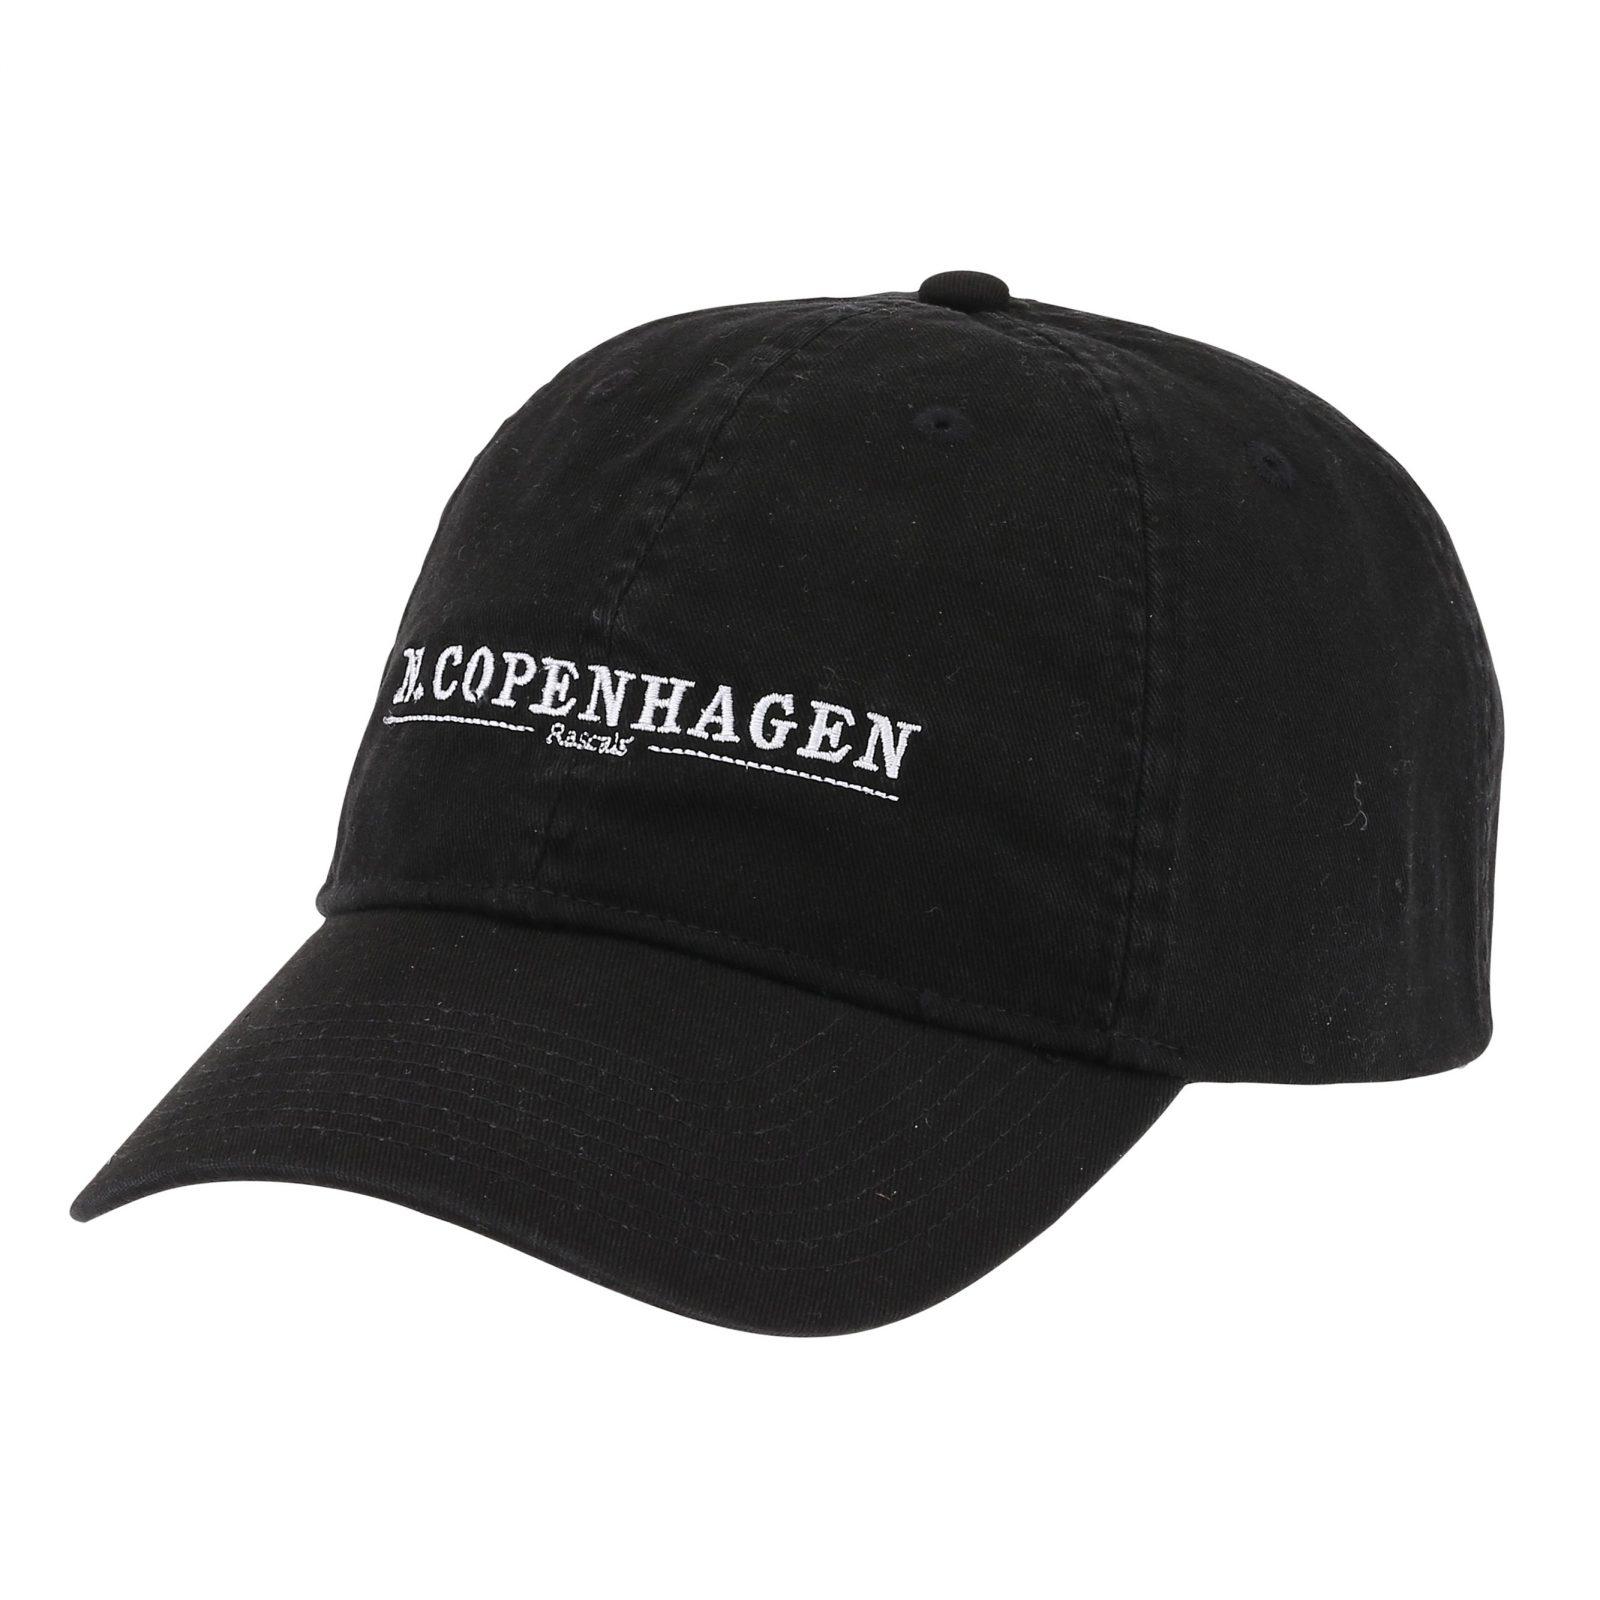 n-copenhagen-cap-black